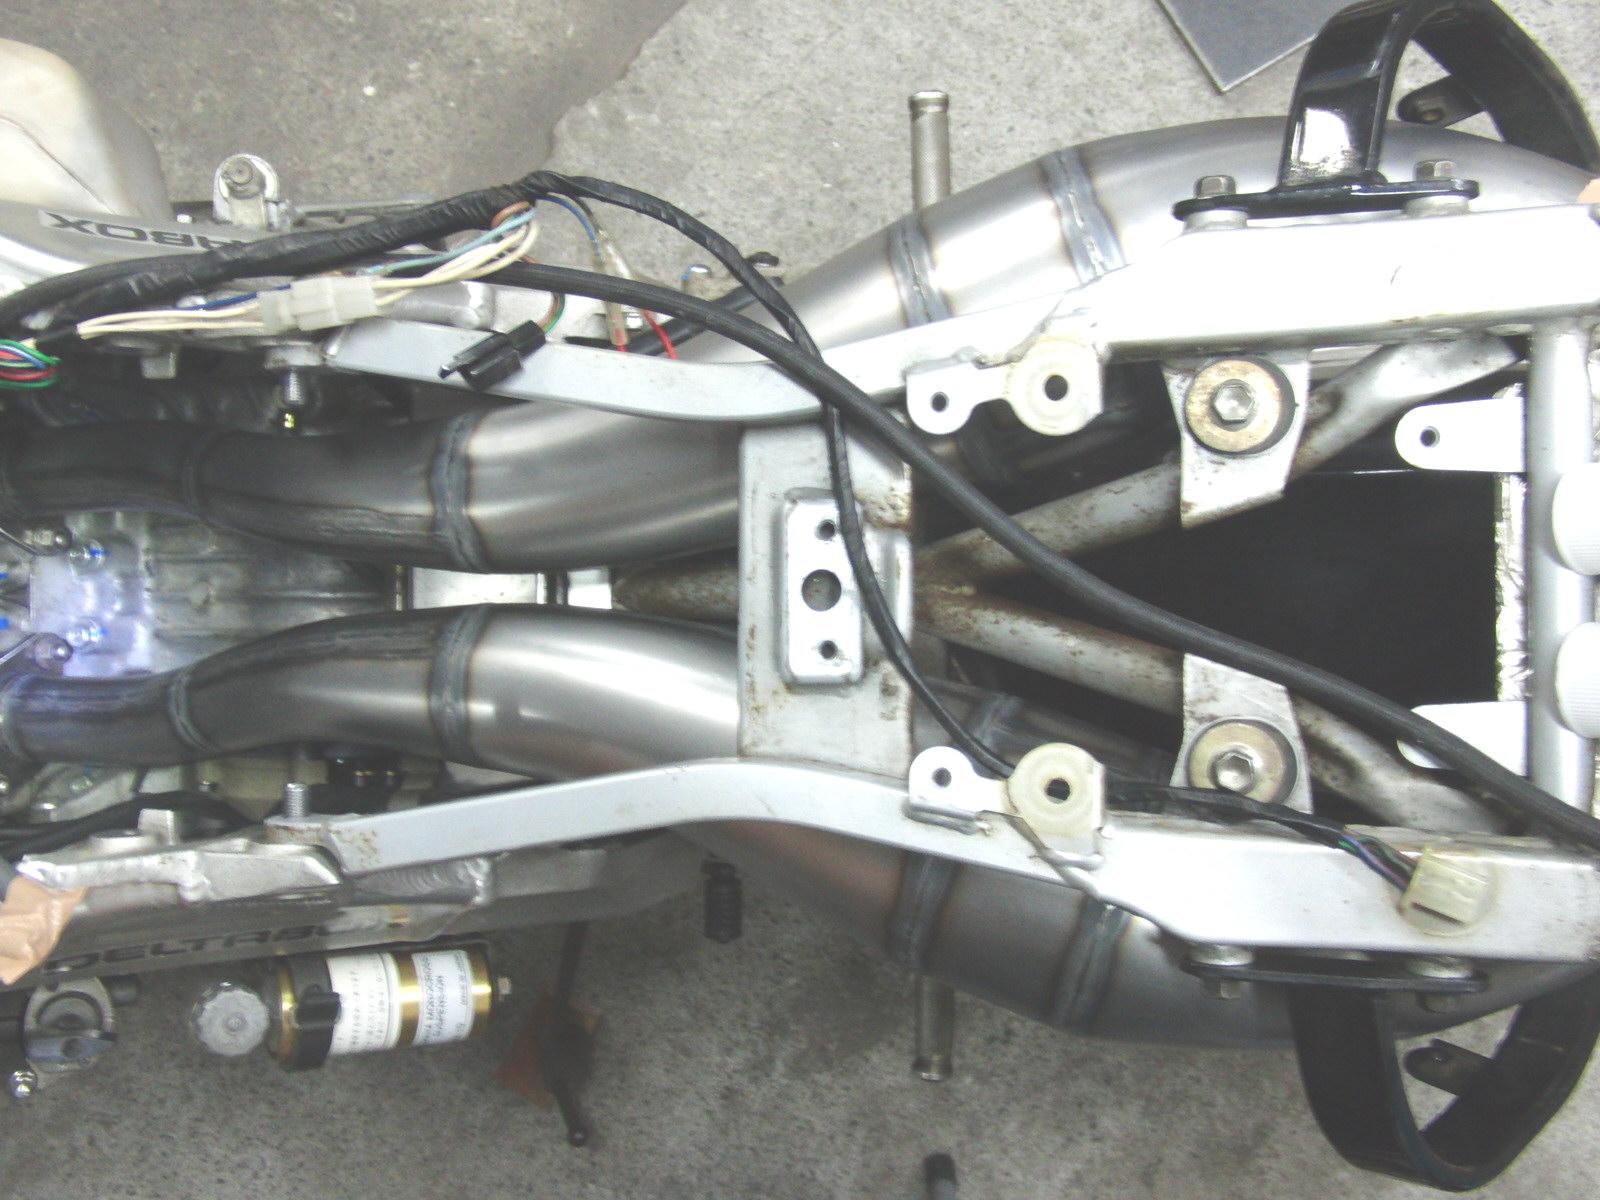 http://www.precious-factory.com/preciousfactory2010/CIMG0801.JPG